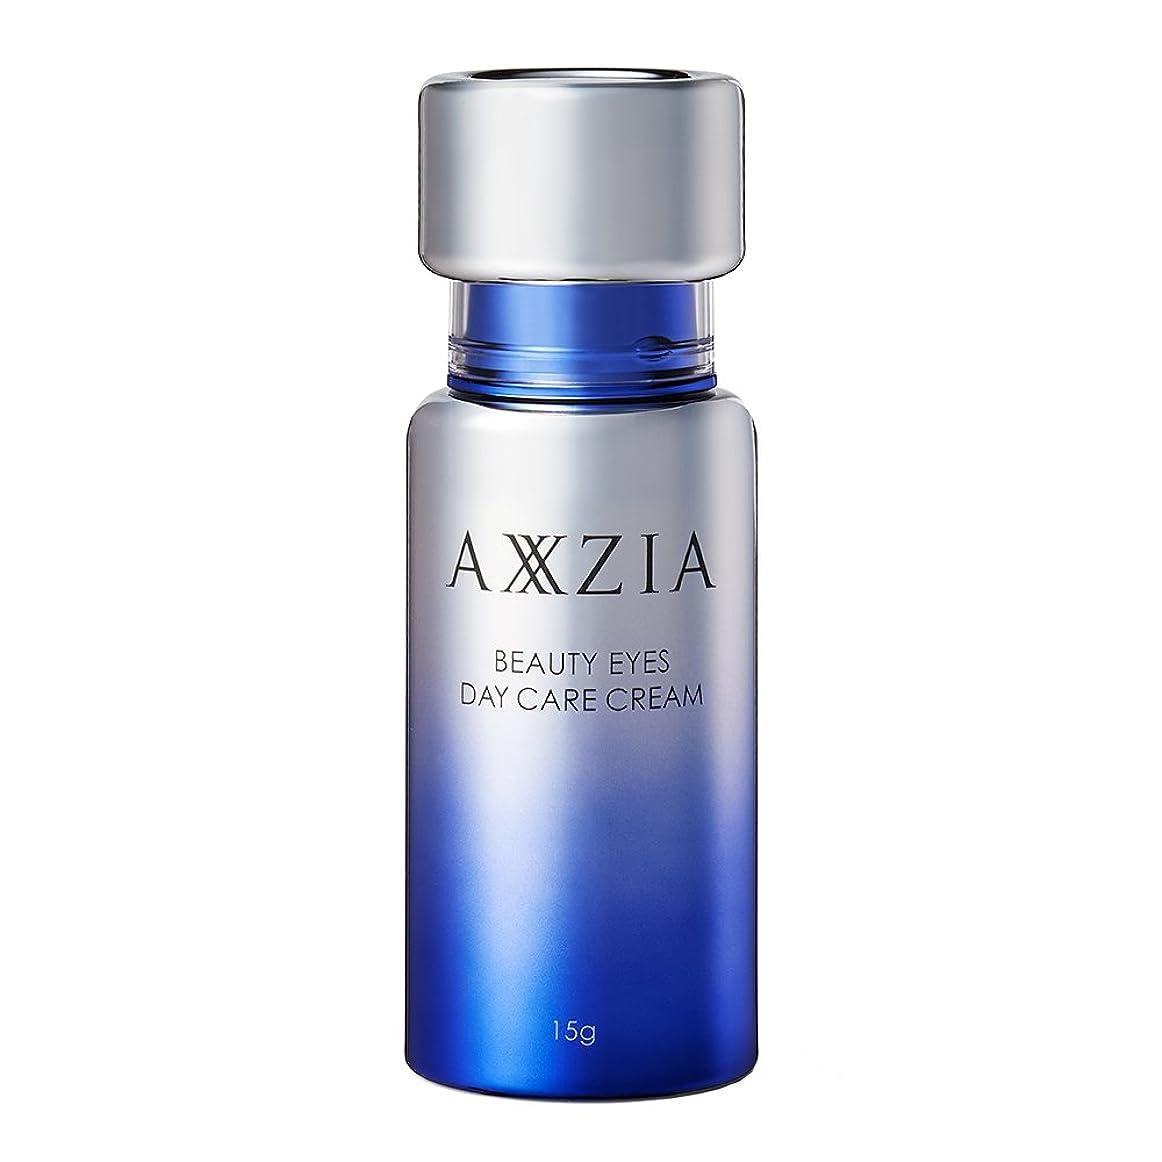 ネックレス拾う彫刻家アクシージア (AXXZIA) ビューティアイズ デイ ケア クリーム 15g | アイクリーム 目の下のたるみ 化粧品 解消 目元のたるみ